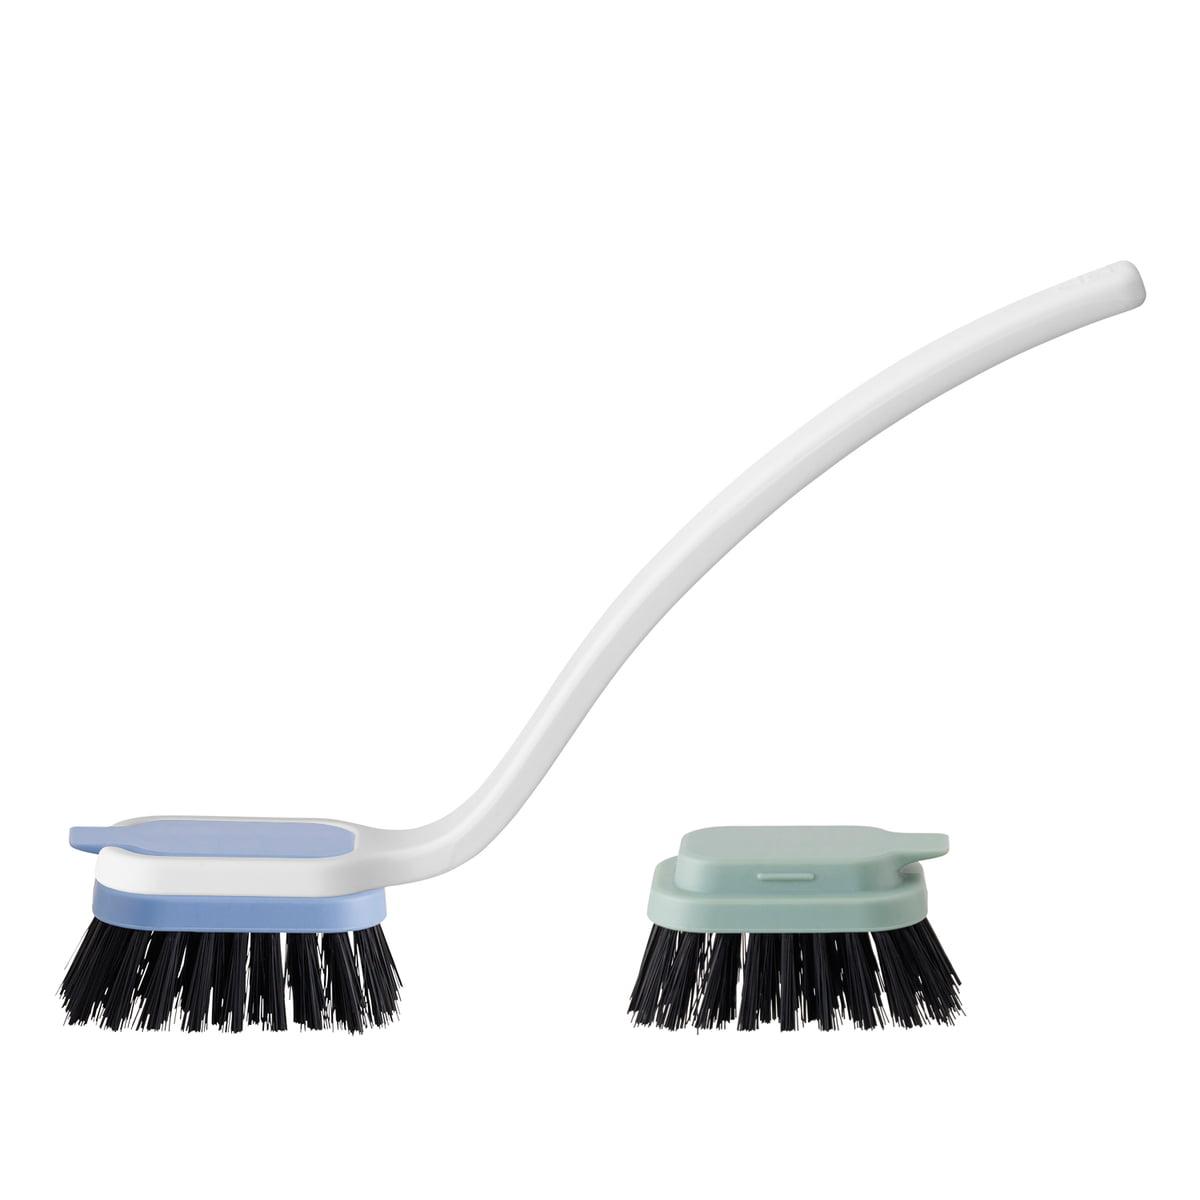 Delightful Rig Tig By Stelton   Sink Caddy Dishwashing Brush, Blue / Green